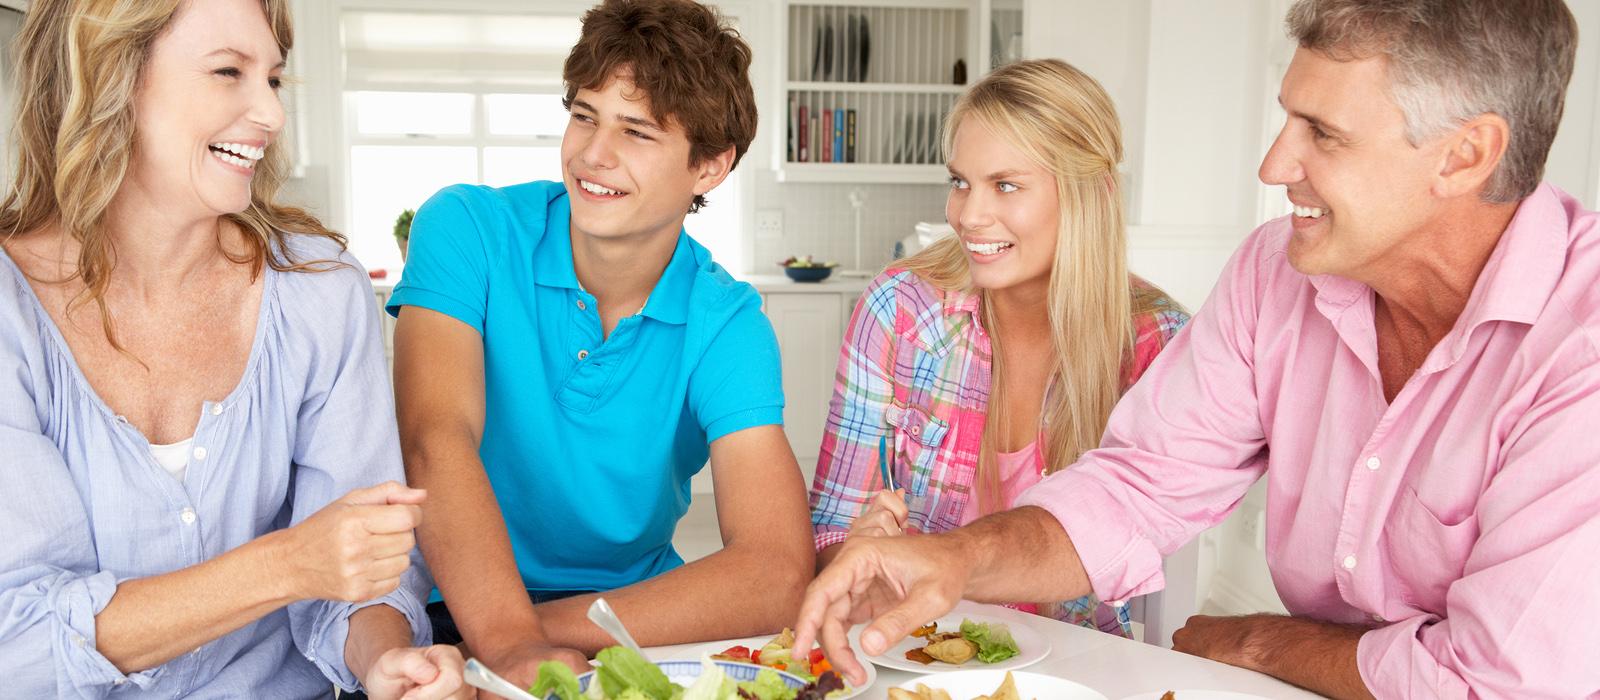 знакомить ли парня с родителями